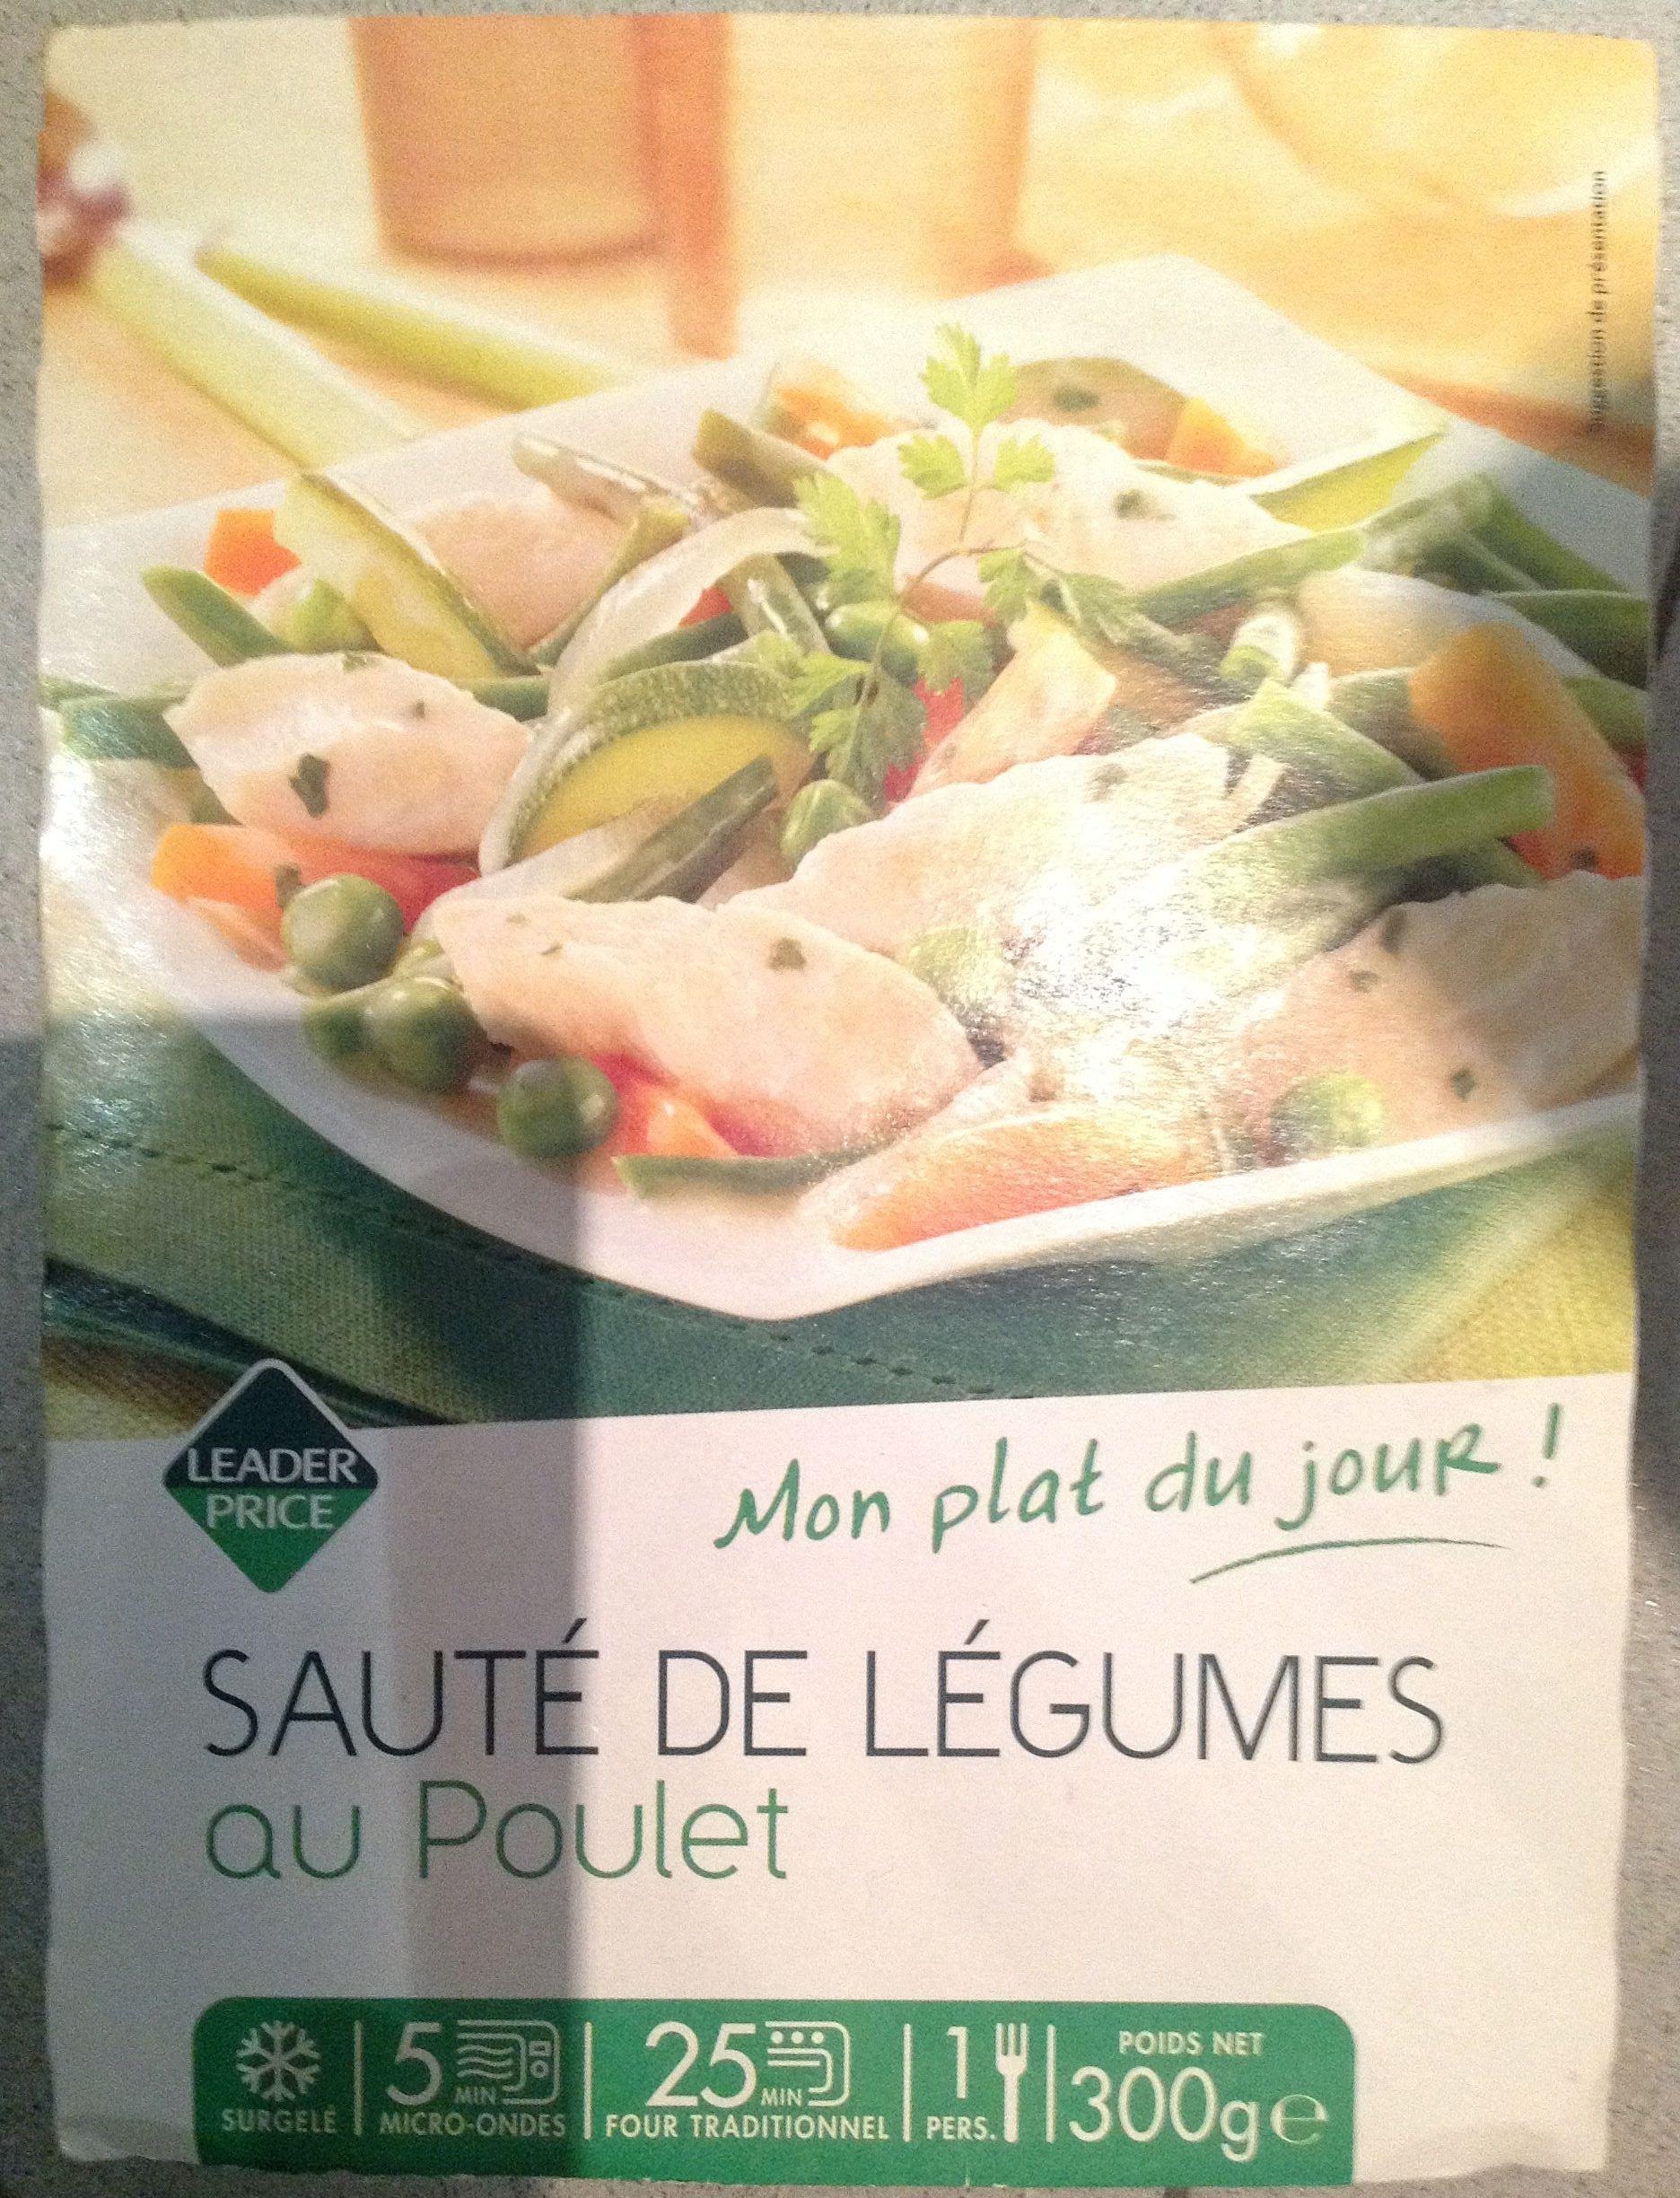 Sauté de légumes au poulet - Produit